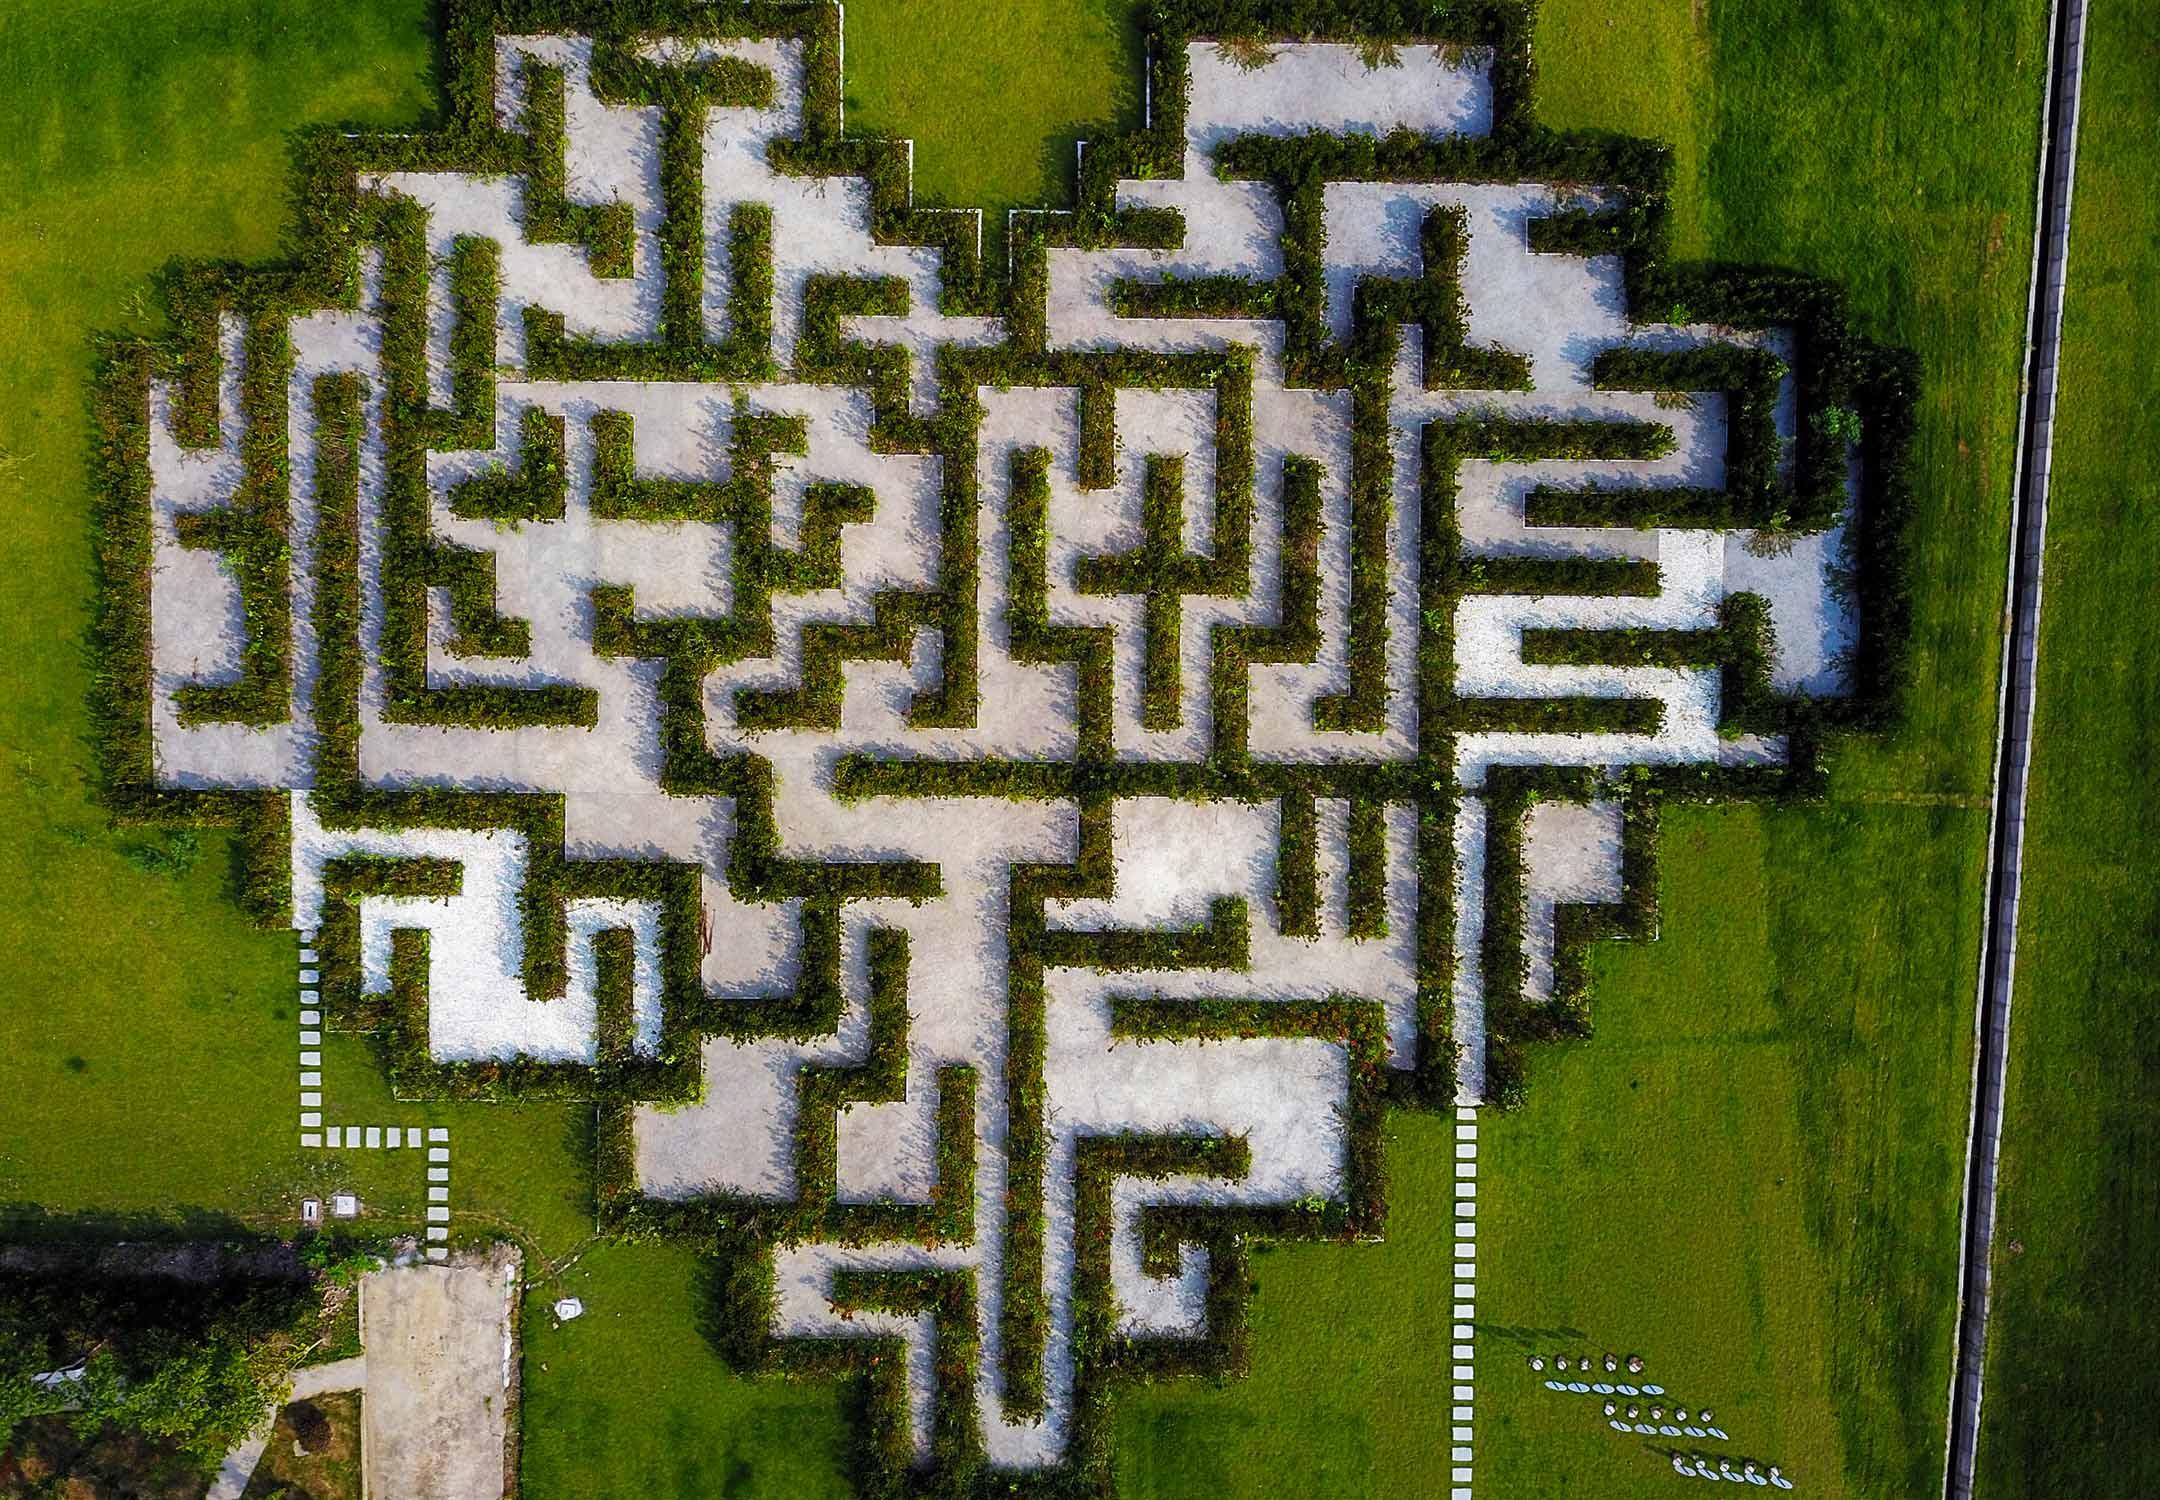 2018年7月30日中國平湖市,一個心形迷宮。